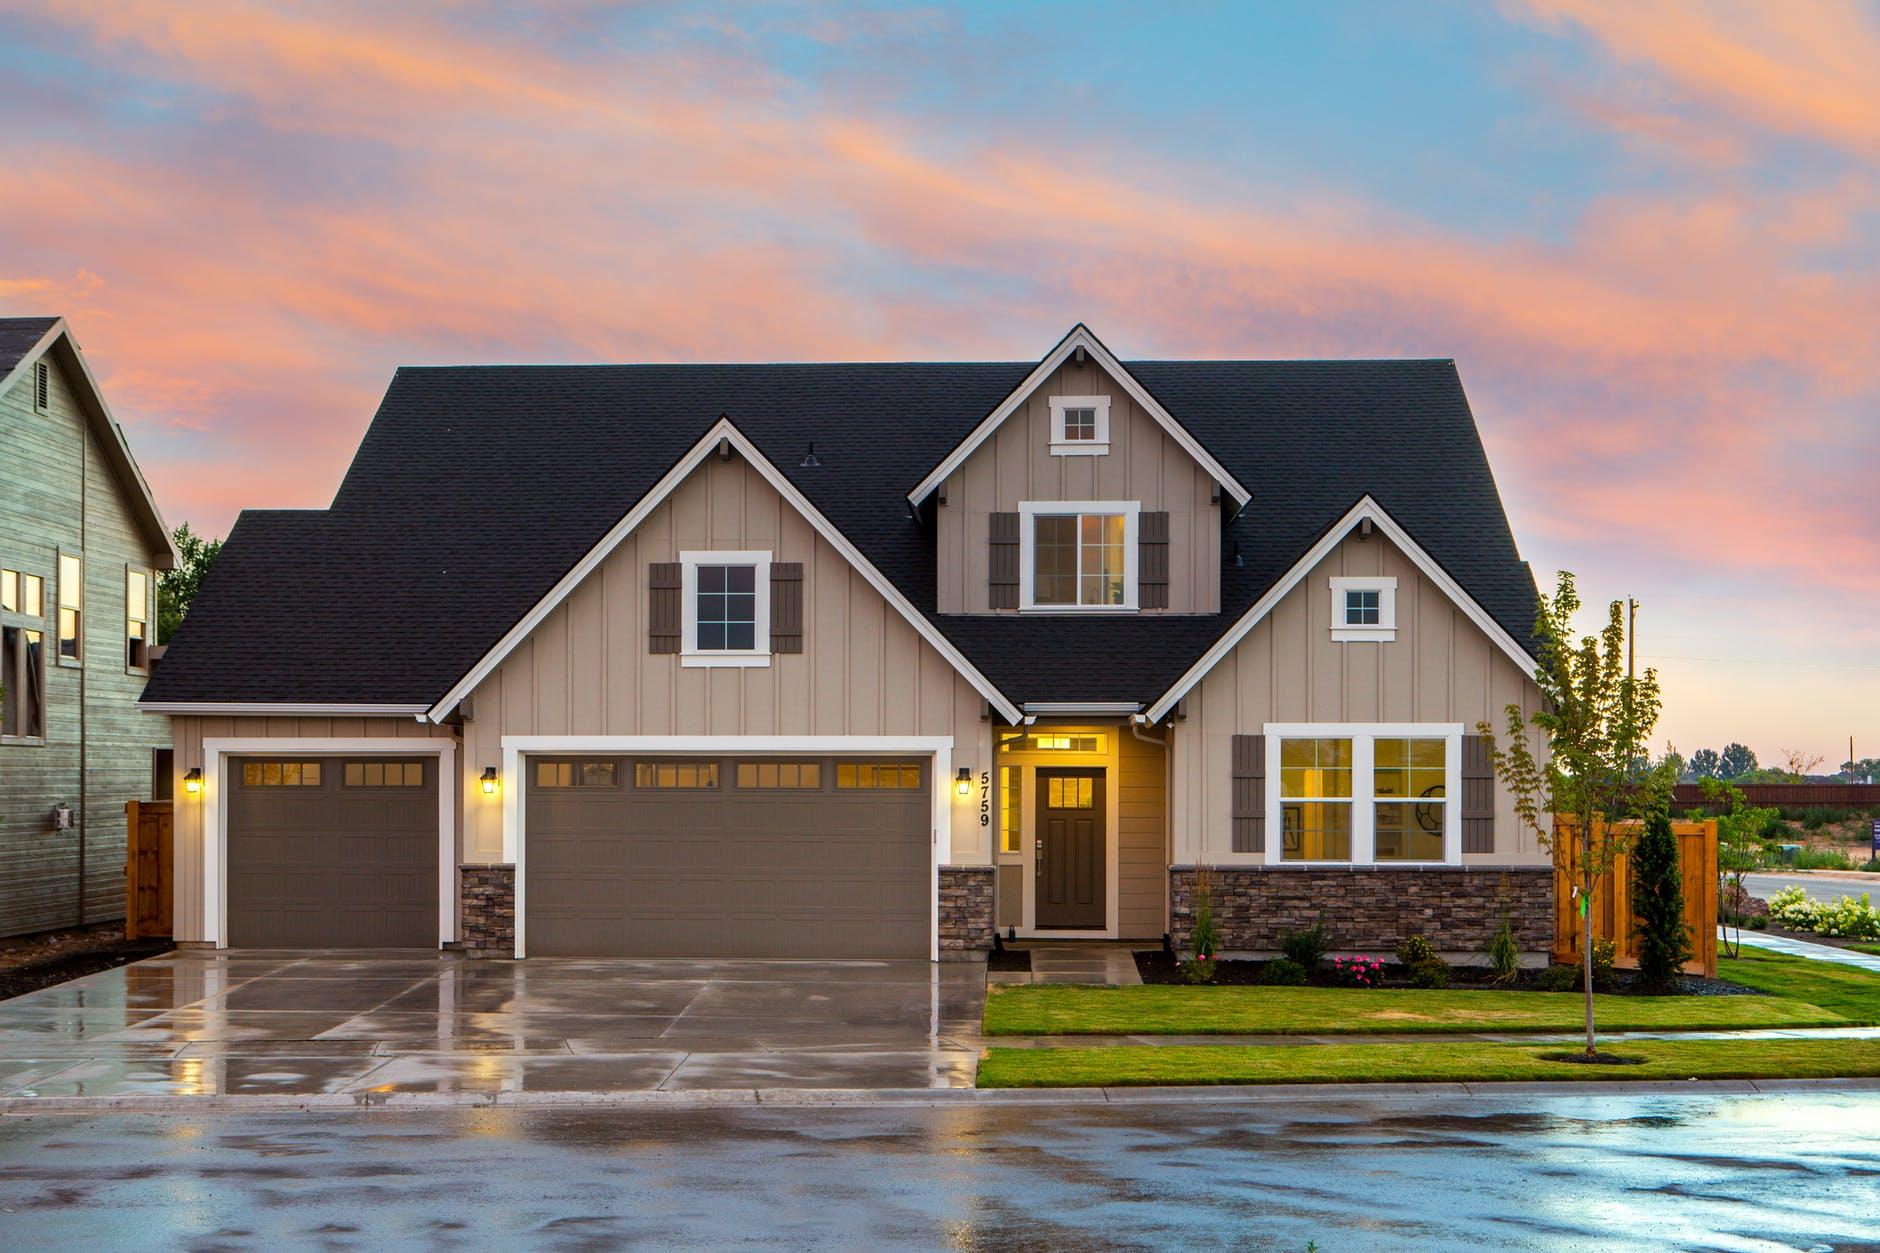 Gambar Rumah Sederhana dan Tips Memiliki Rumah di Usia Muda